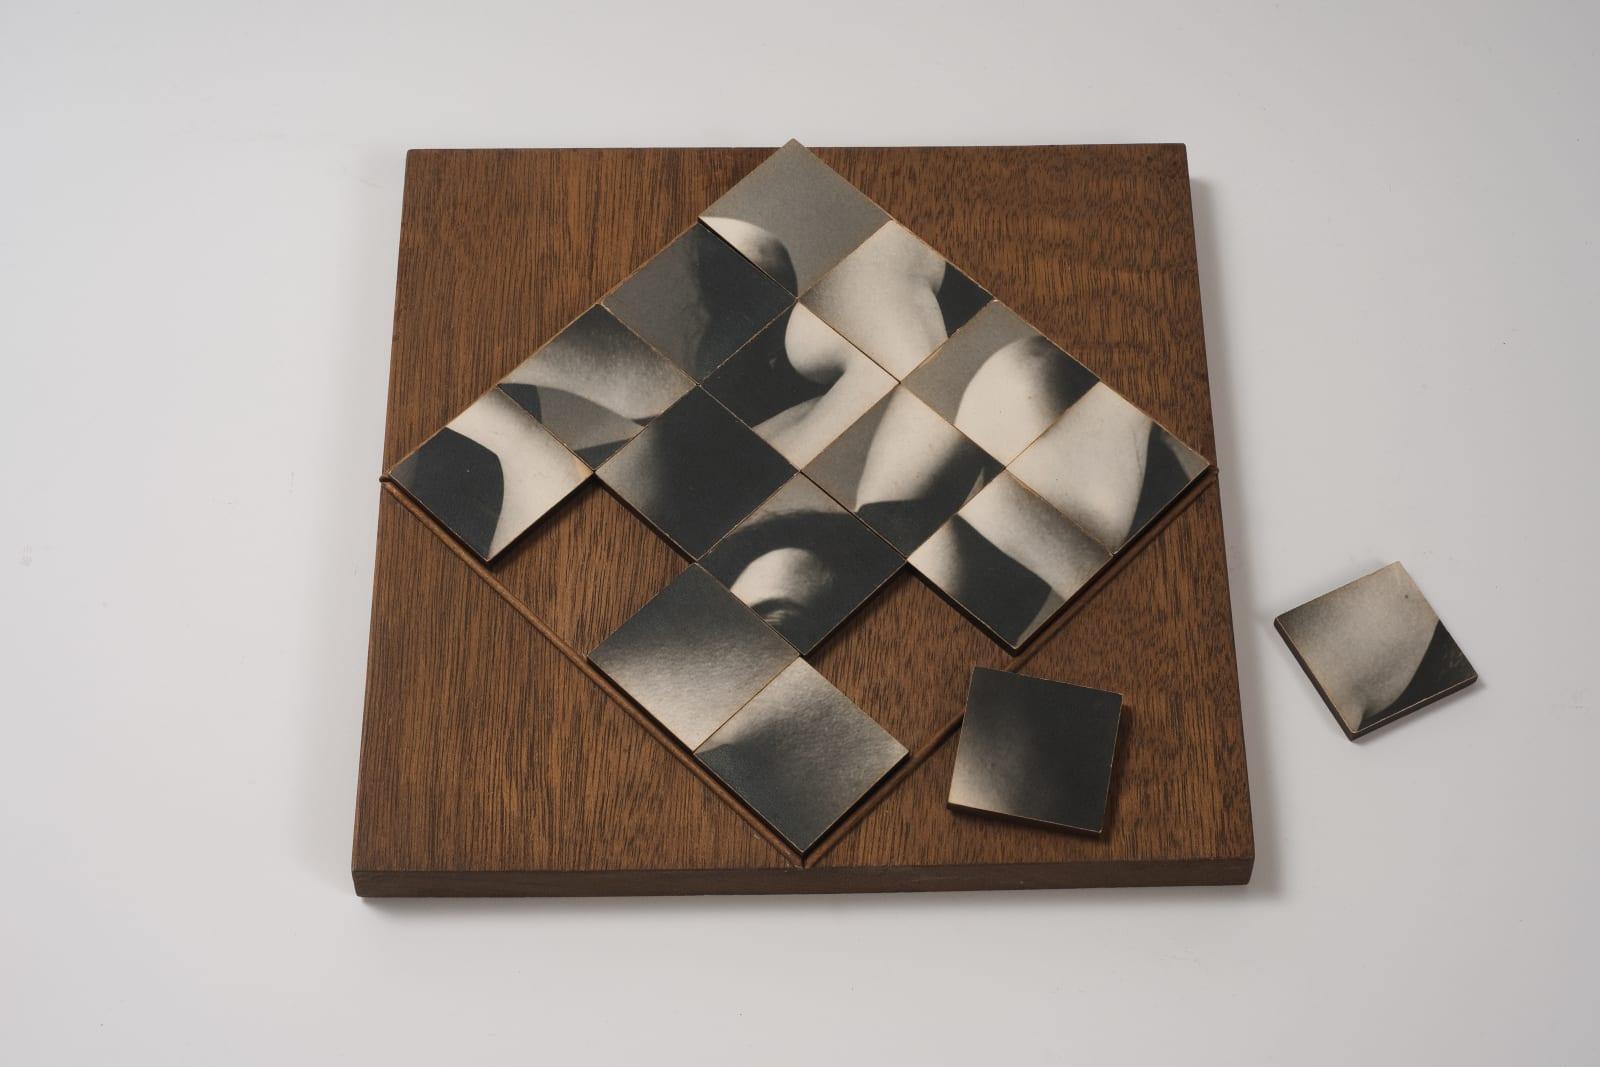 Robert Heinecken, Multiple Solution Puzzle